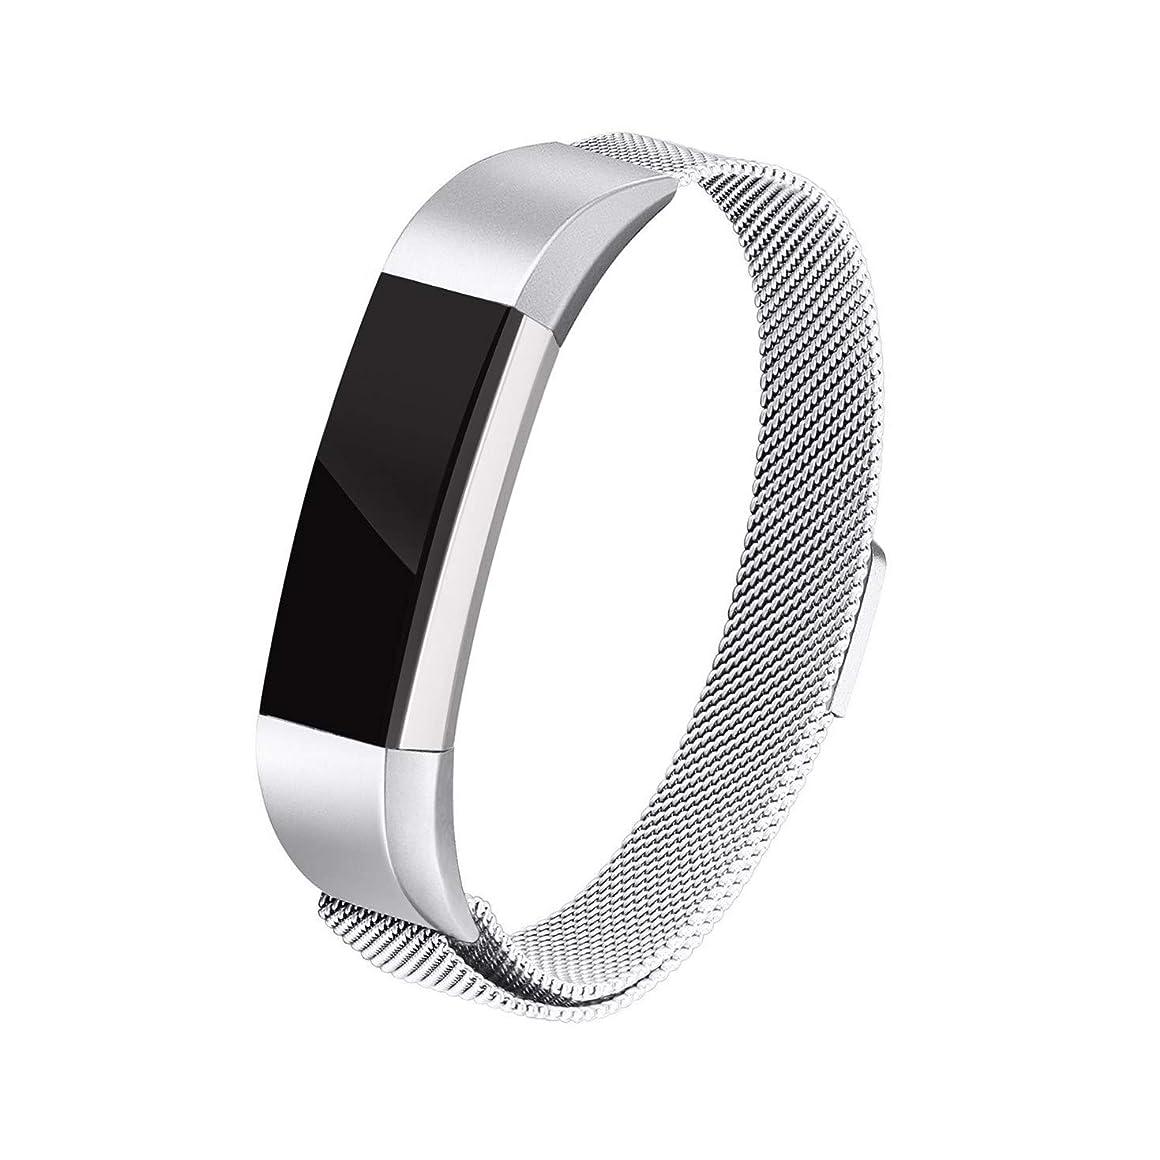 地球発音する許可するAnkersaila バンド 対応 Fitbit Alta HR/Fitbit Alta,ステンレス鋼 バンド 交換ベルト for Fitbit Alta/Fitbit Alta HR ユニークなマグネットロック付き (銀)